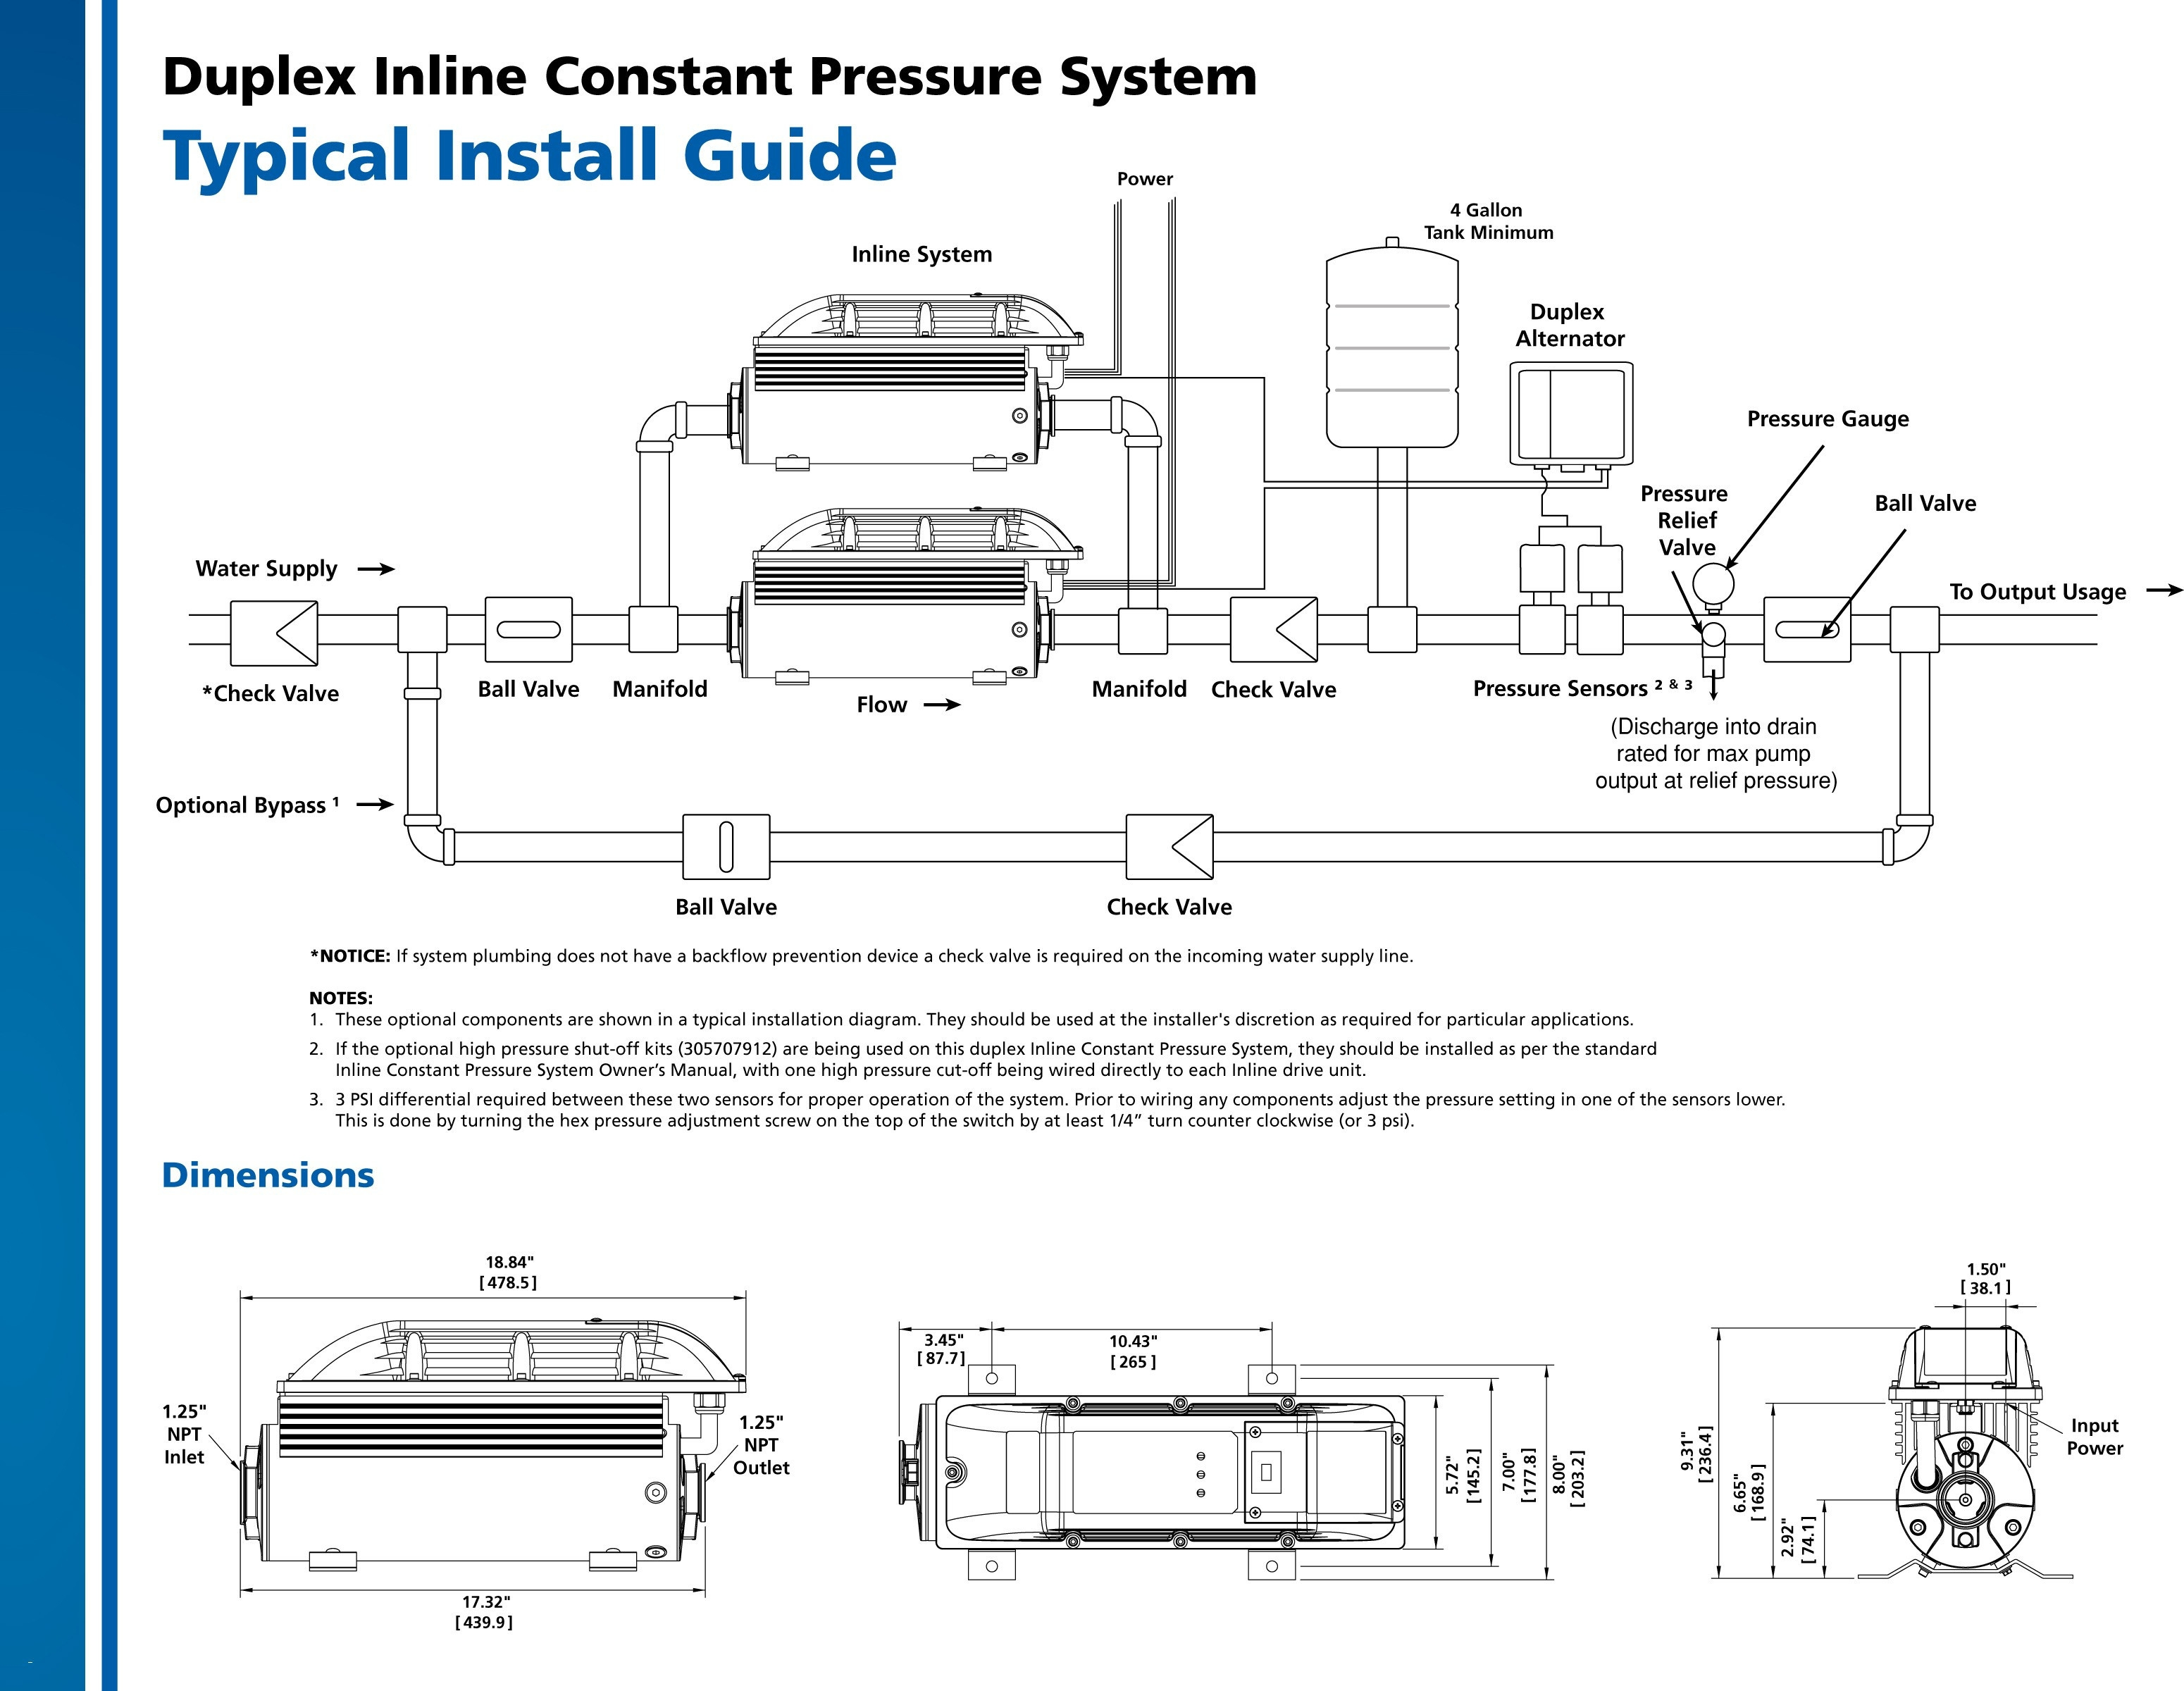 Jet Pump Pressure Switch Wiring Diagram | Free Wiring Diagram Well System Wiring Diagram on